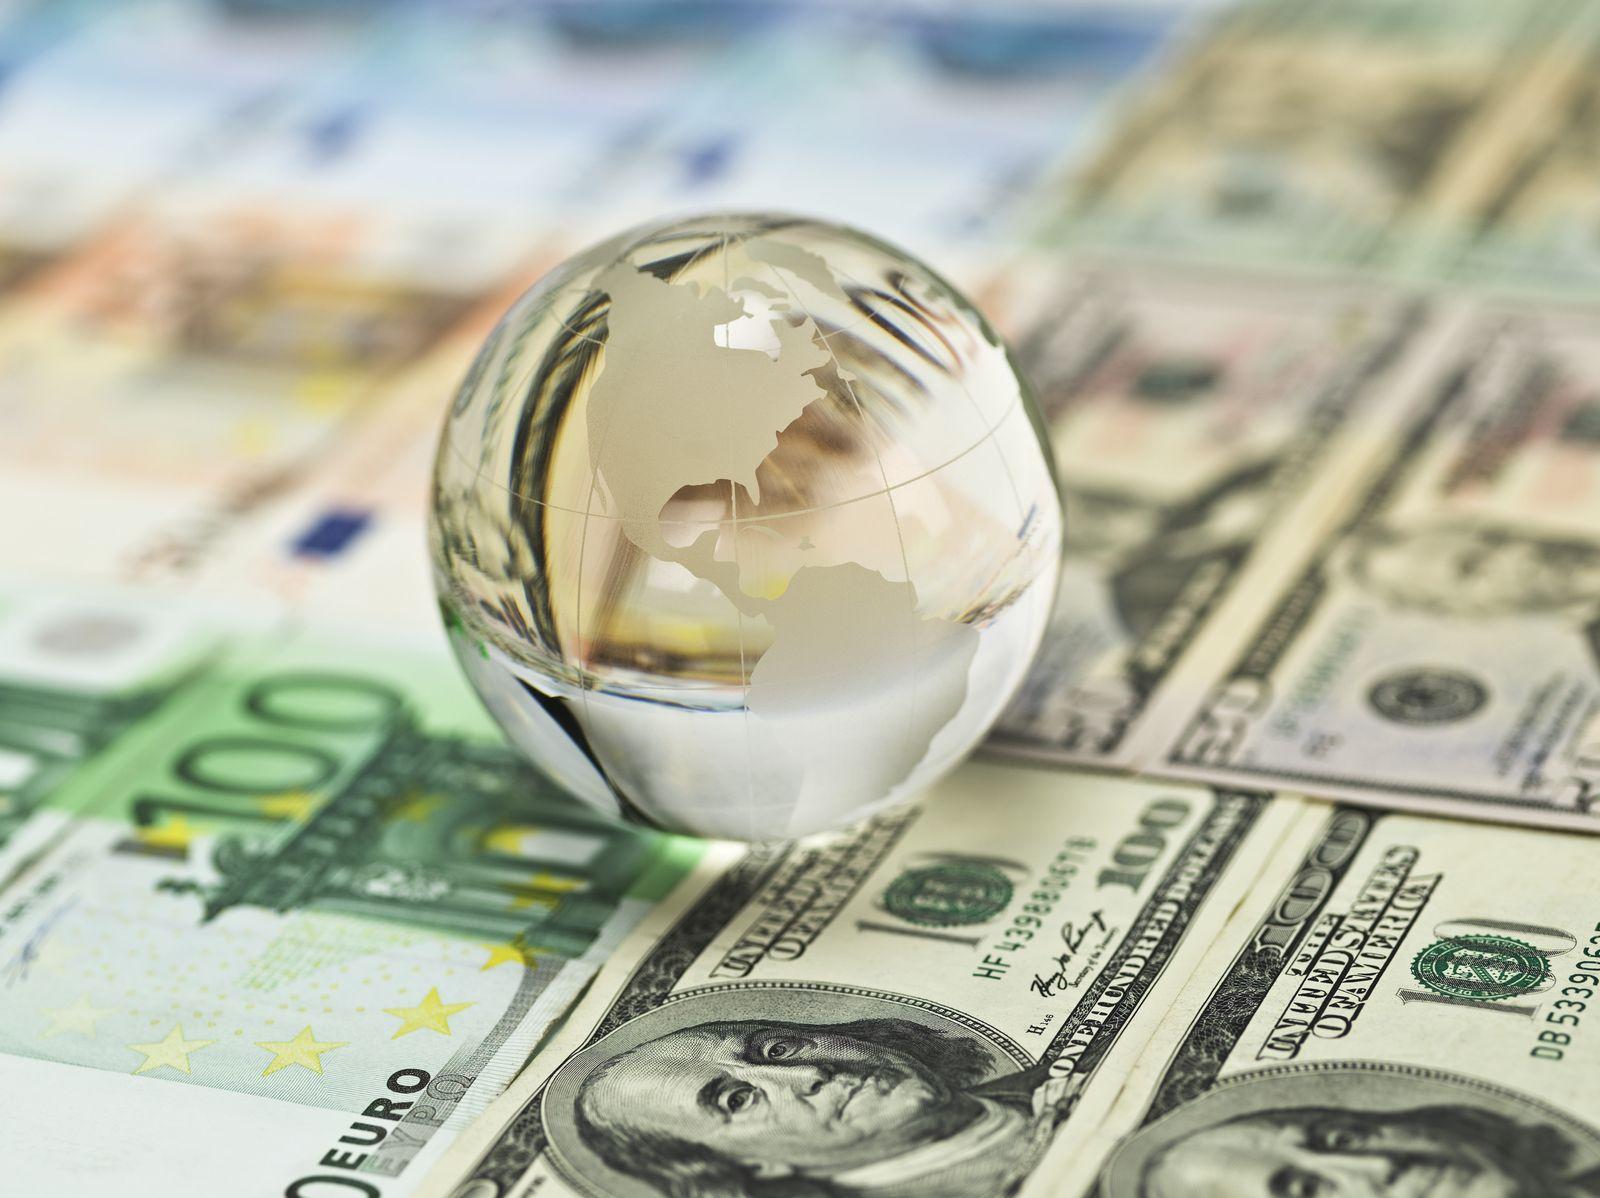 NICHT MEHR VERWENDEN! - Themenseite mmO: Währungswettlauf / Währungen / Geld / Weltkugel